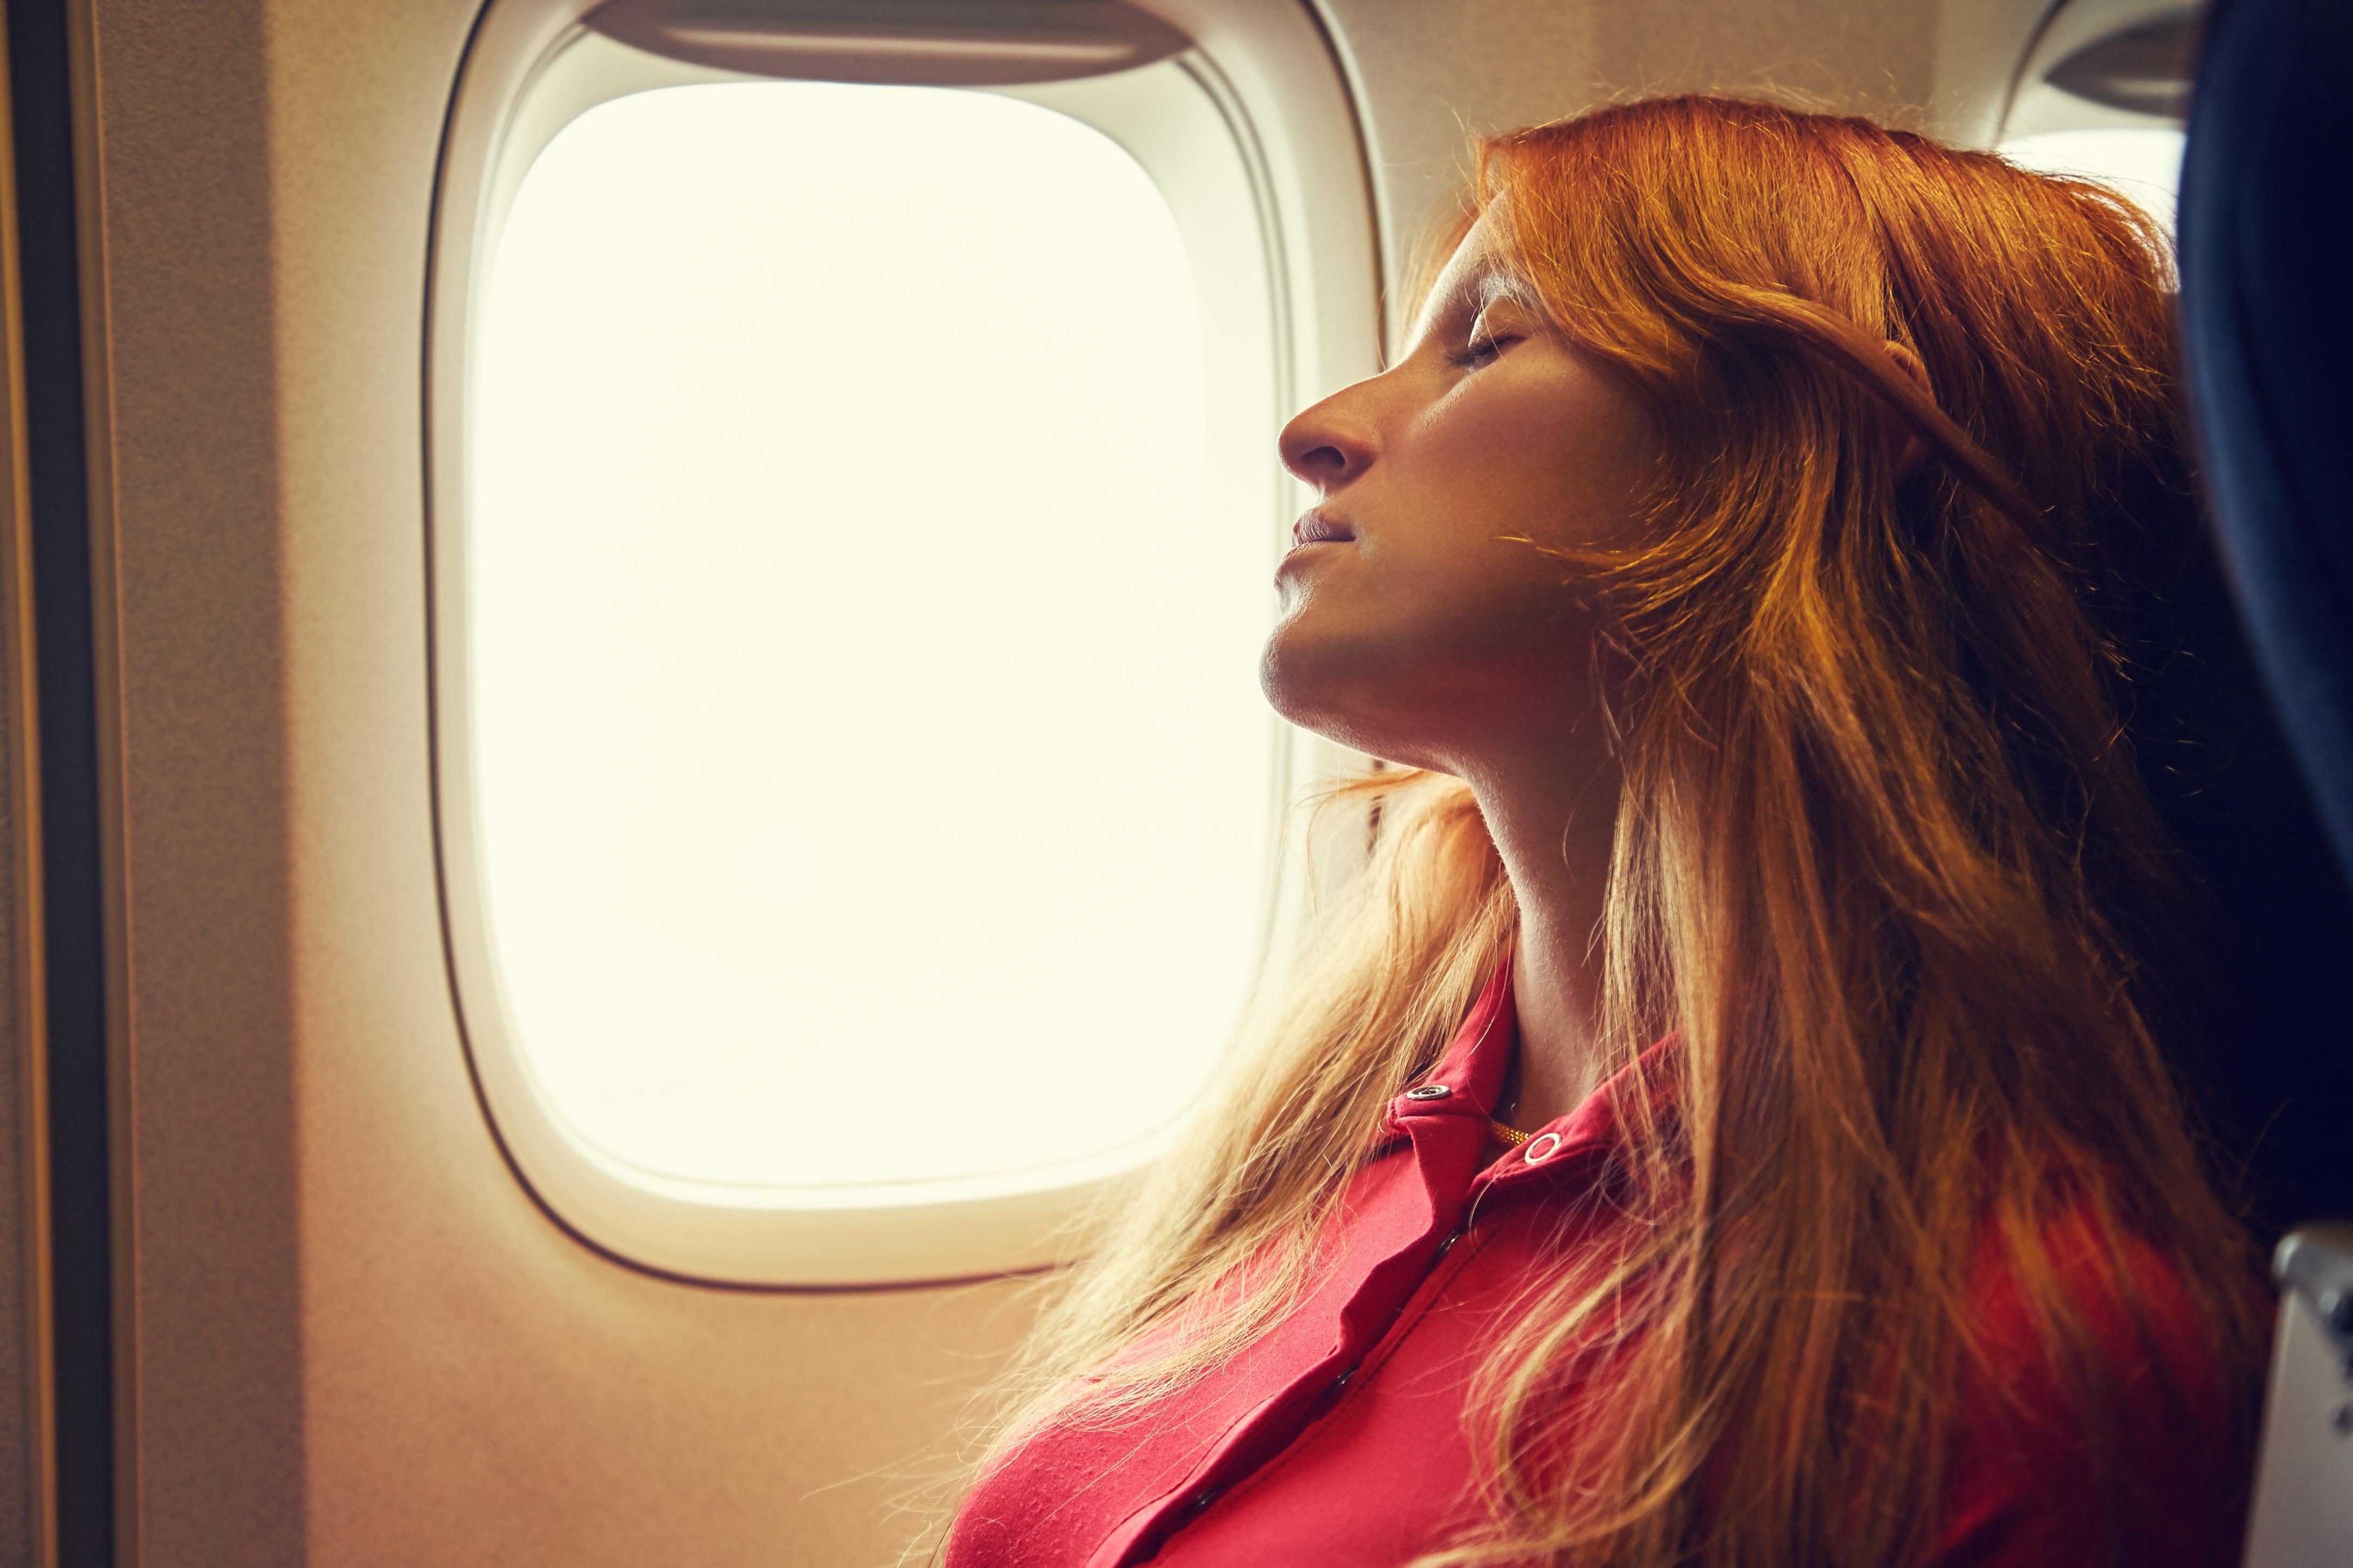 Ezért nem tanácsos az ablakra dőlni, ha a repülőn aludni szeretne